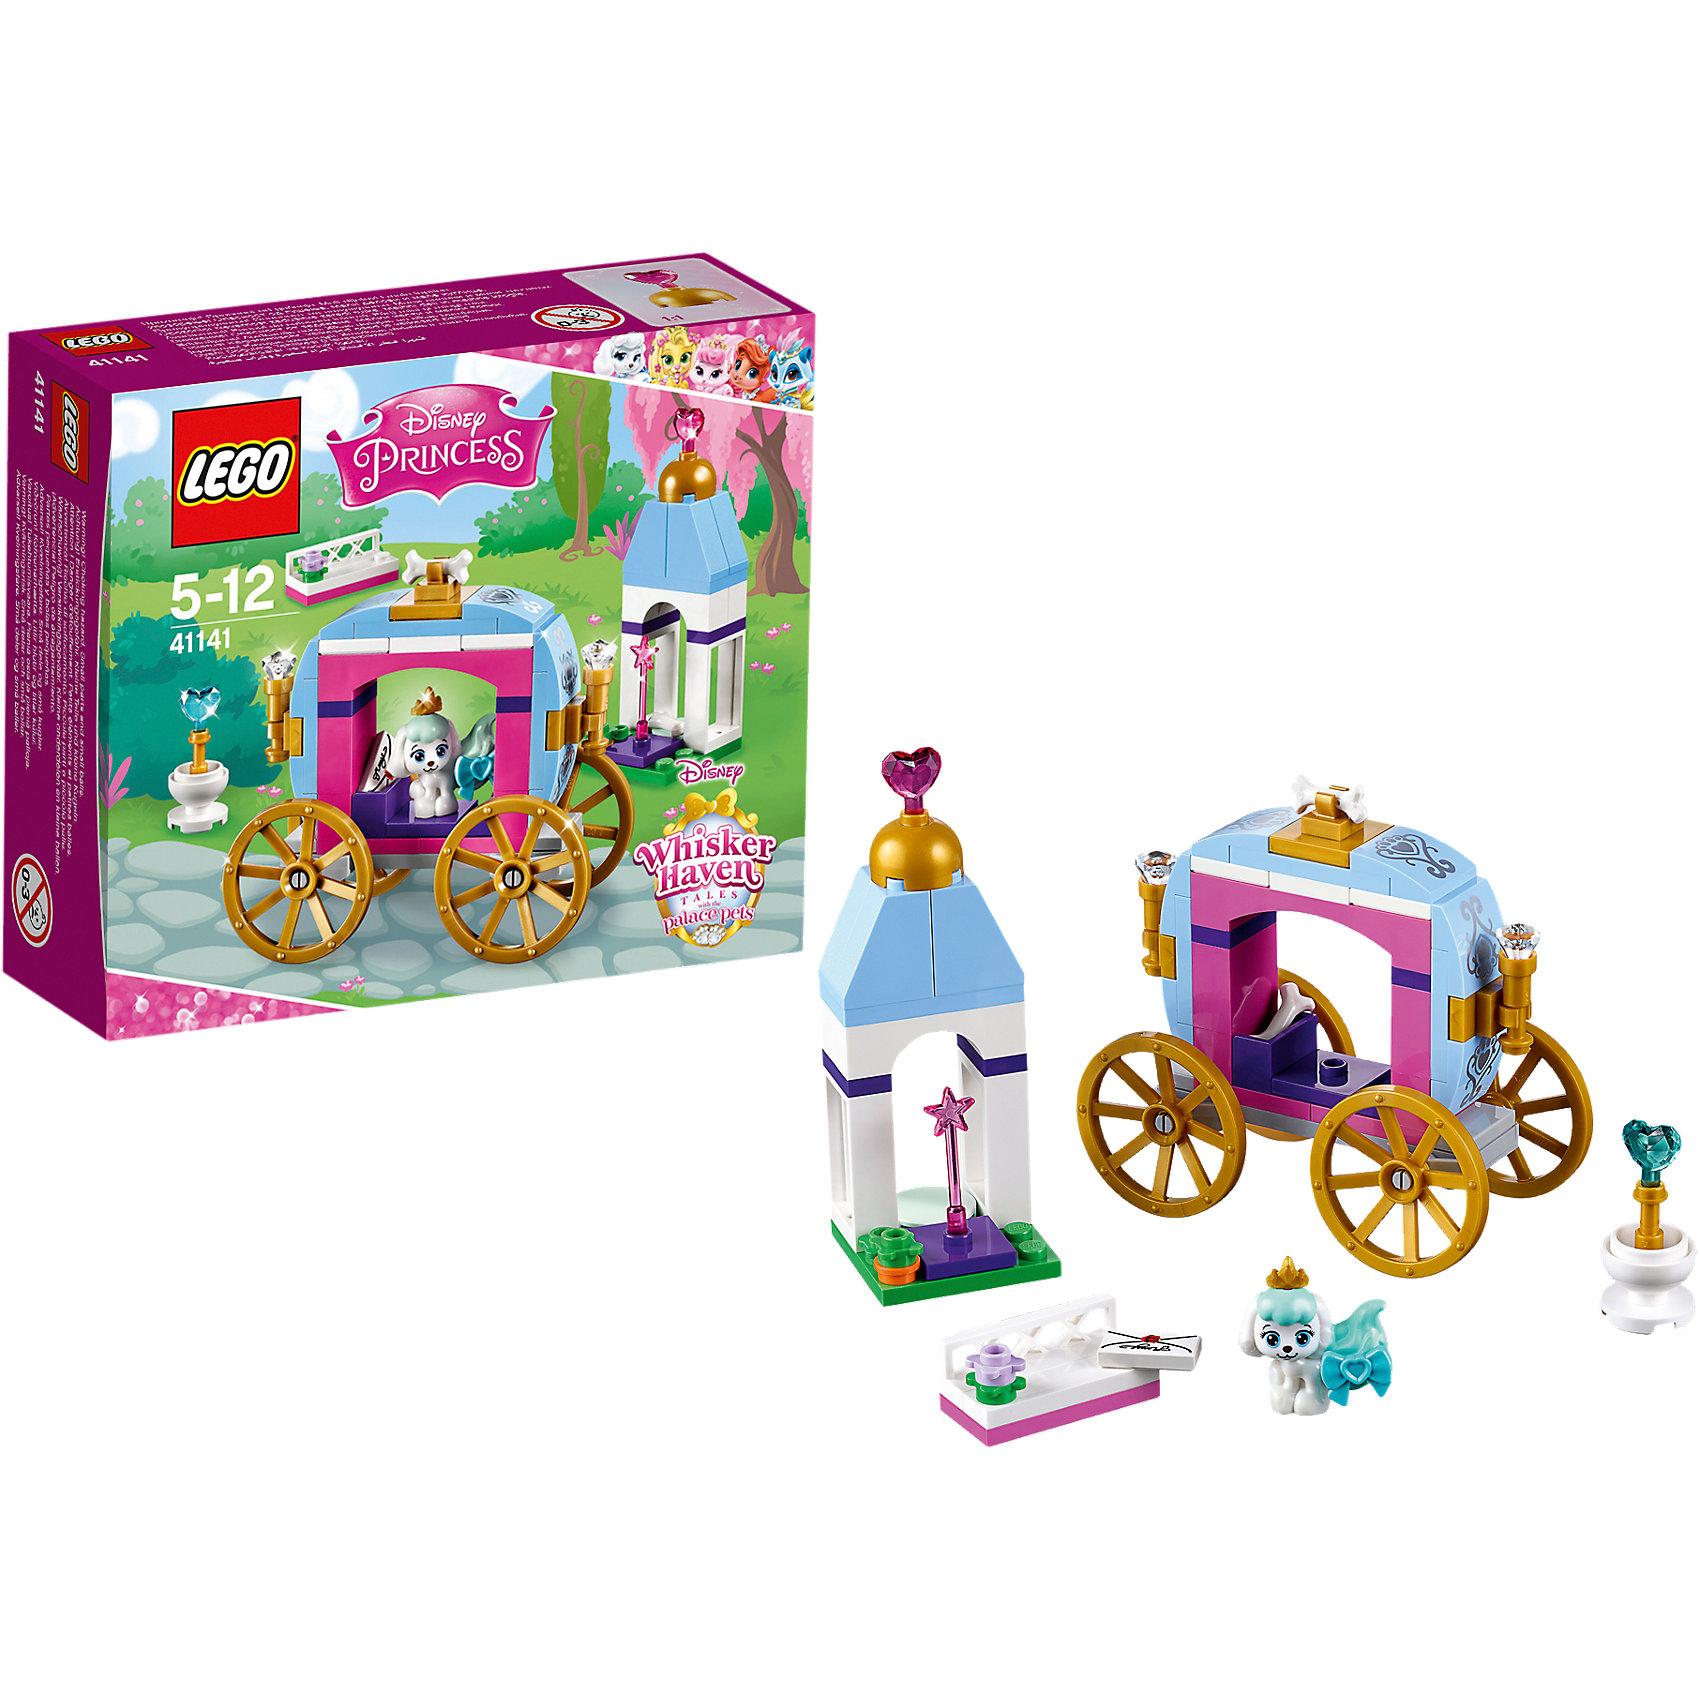 LEGO LEGO Disney Princesses 41141: Королевские питомцы: Тыковка конструктор lego disney princesses экзотический дворец жасмин 41061